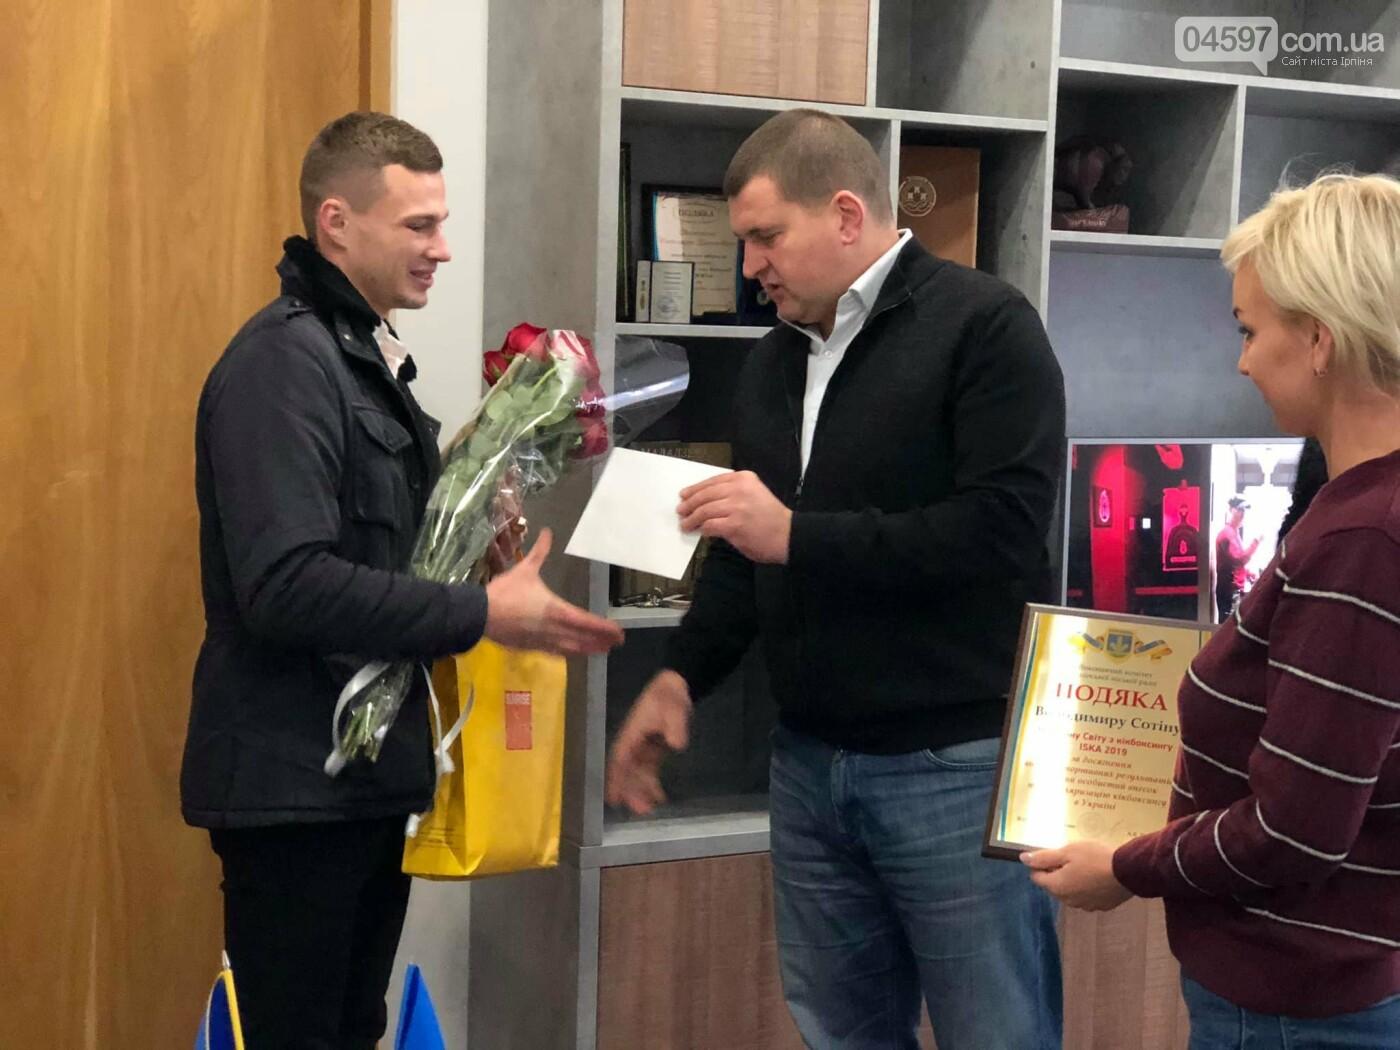 Ірпінчанин став першим на Чемпіонаті світу з кікбоксингу ISKA 2019, фото-4